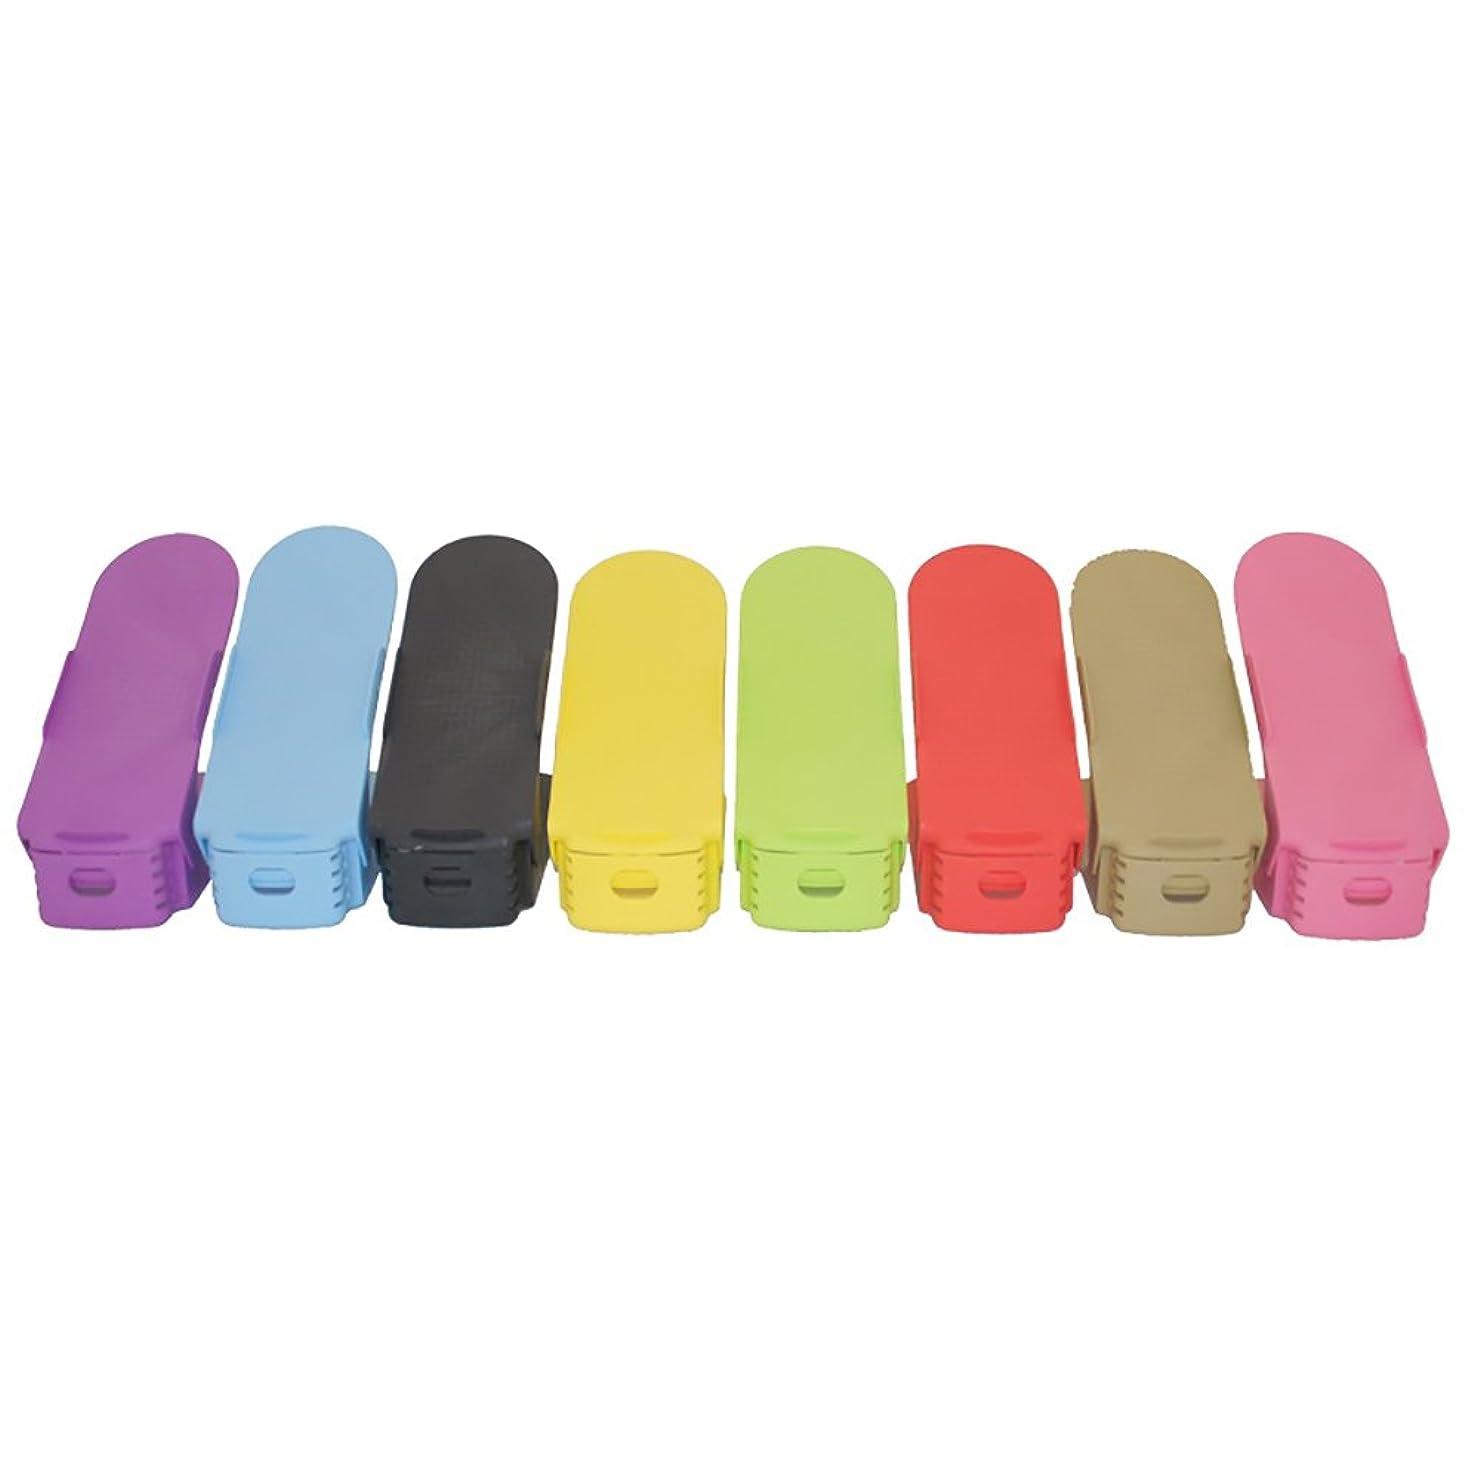 工場流用する感嘆GY 実用的な靴ラック - 調節可能なプラスチック製の靴ラック - 入り口靴ラックダブルシェルフキャビネットタワーはスペースを節約する / + - + / (Color : 4)